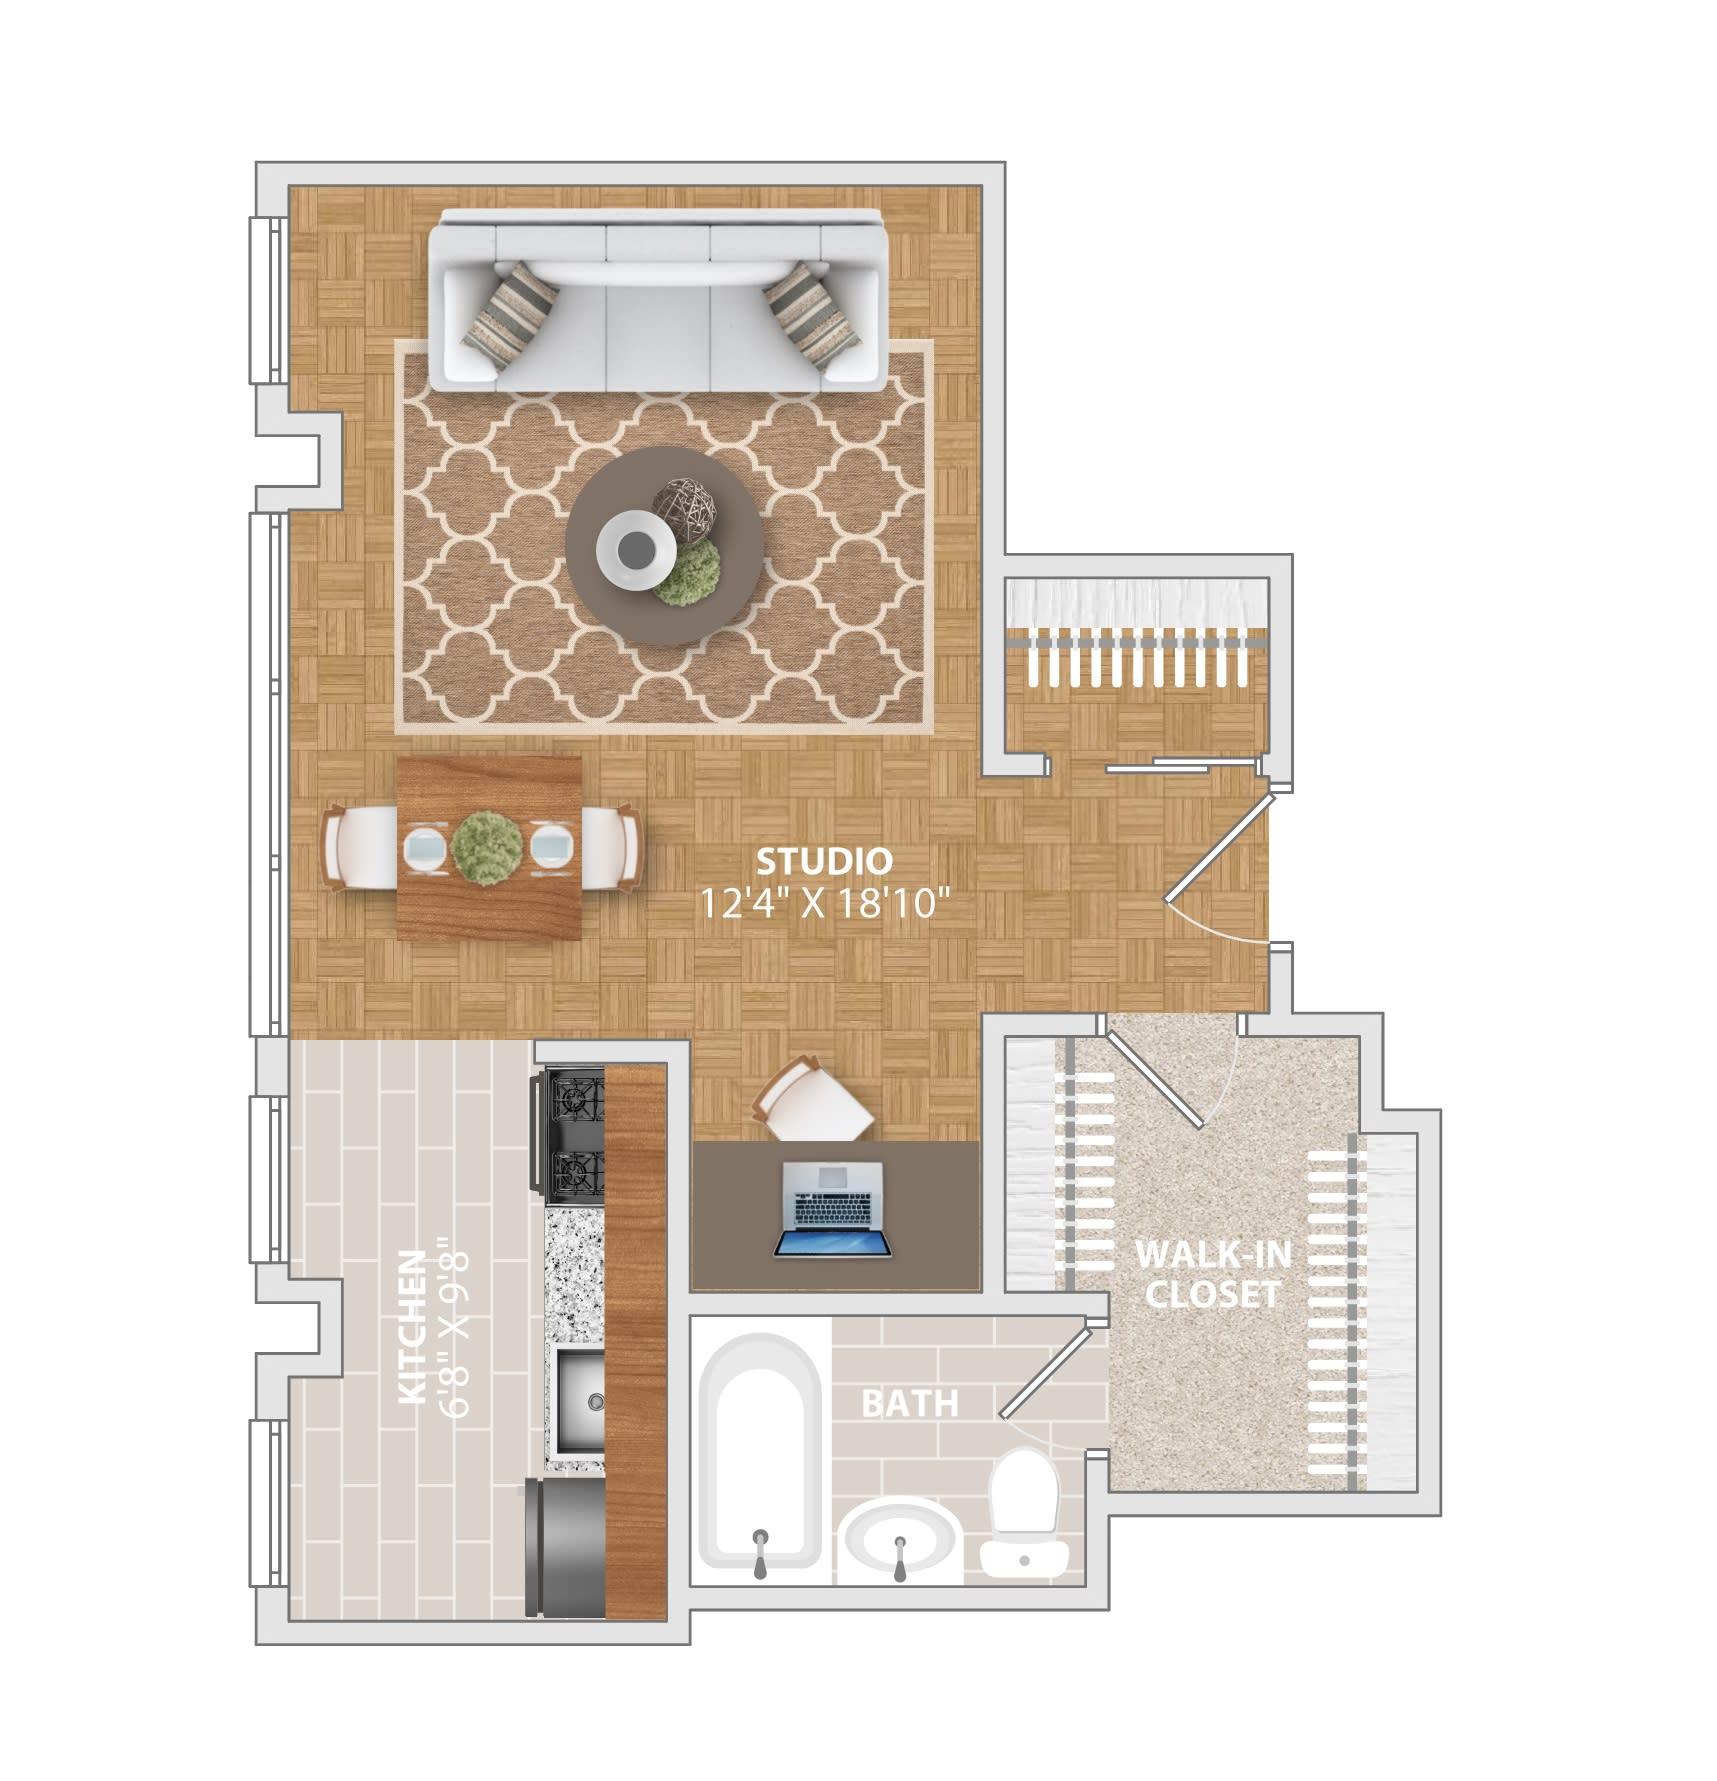 Floor Plans Of Bridgeyard Old Town In Alexandria Va